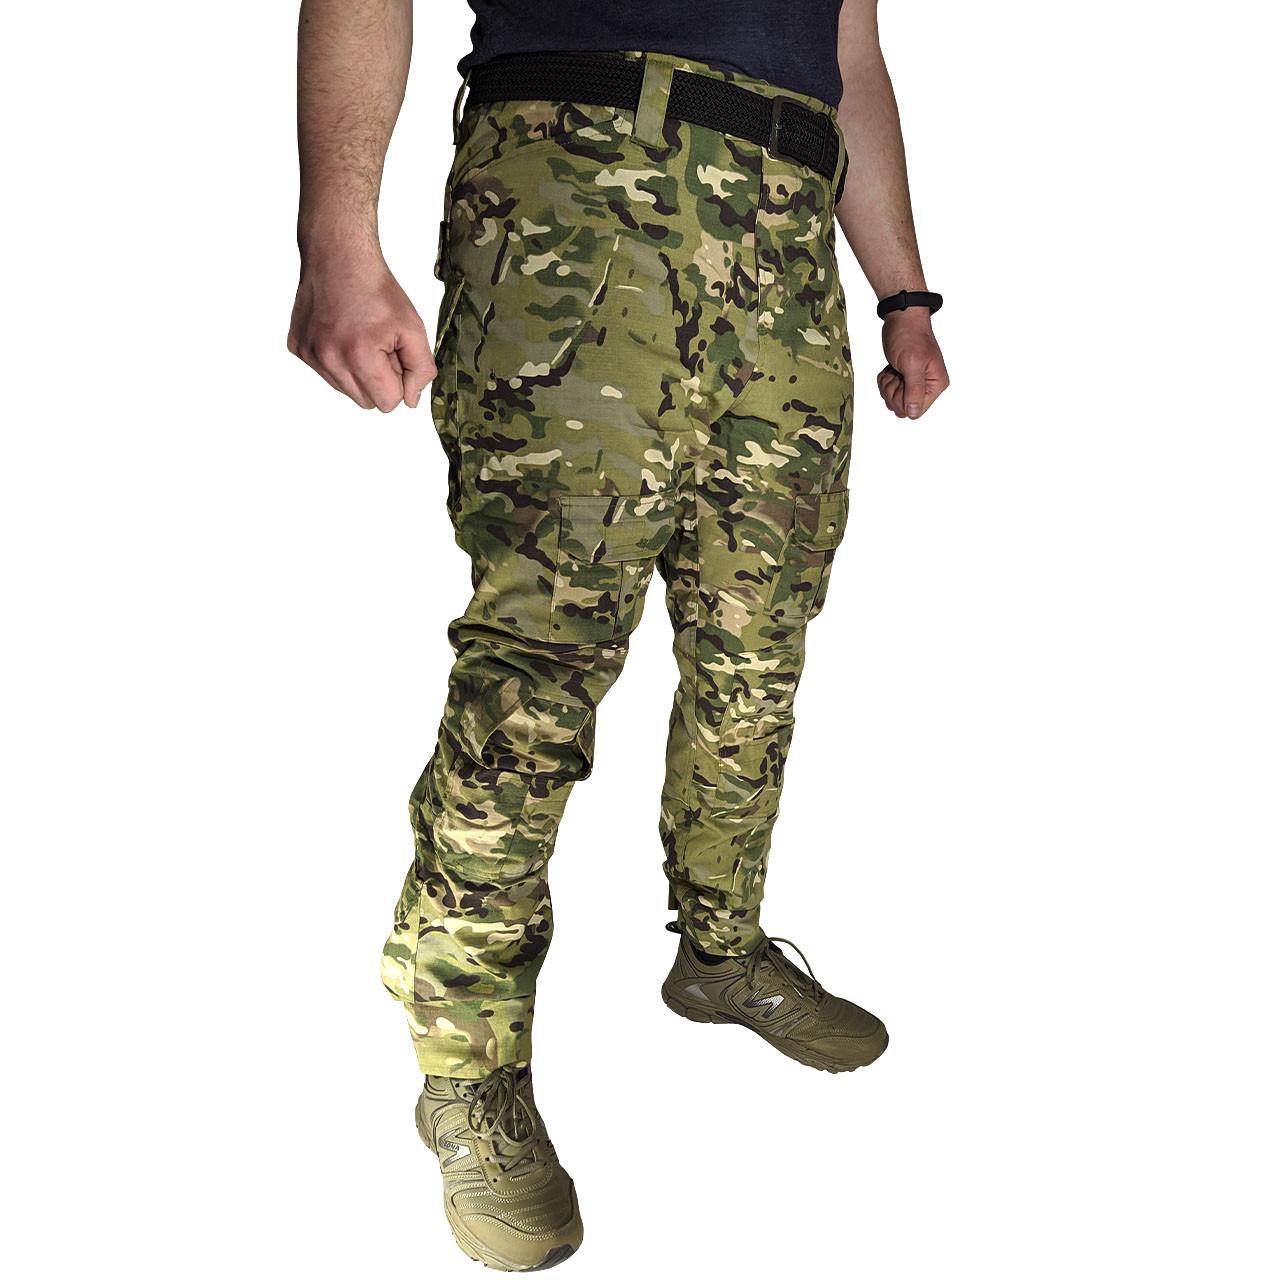 Тактические штаны Lesko B603 Camouflage 40 размер брюки мужские милитари камуфляжные с карманами